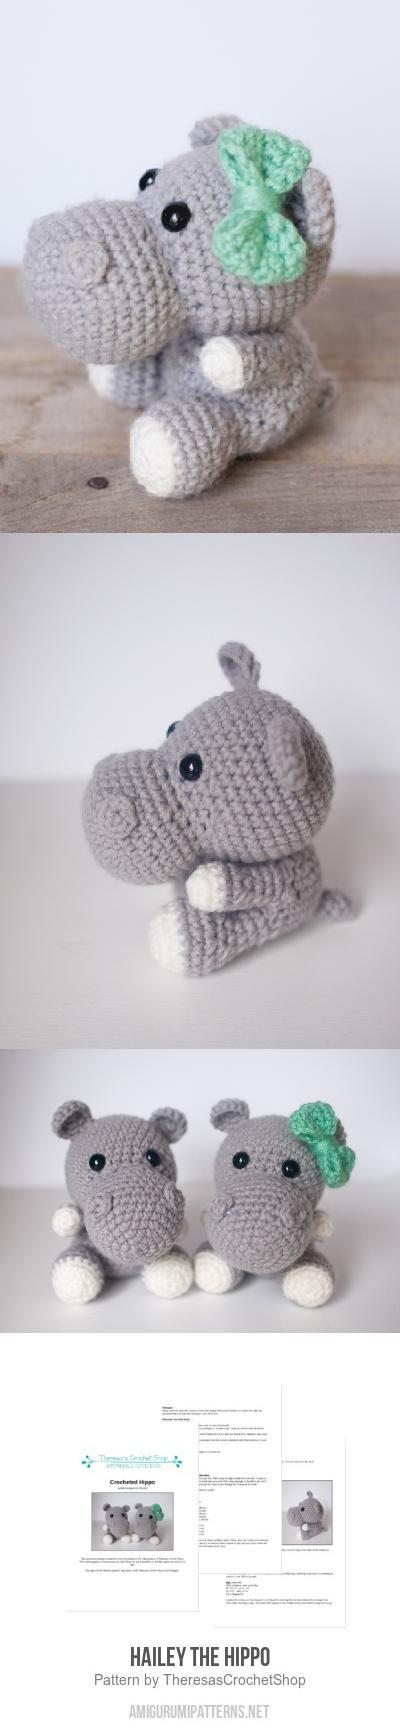 Hailey the Hippo amigurumi pattern